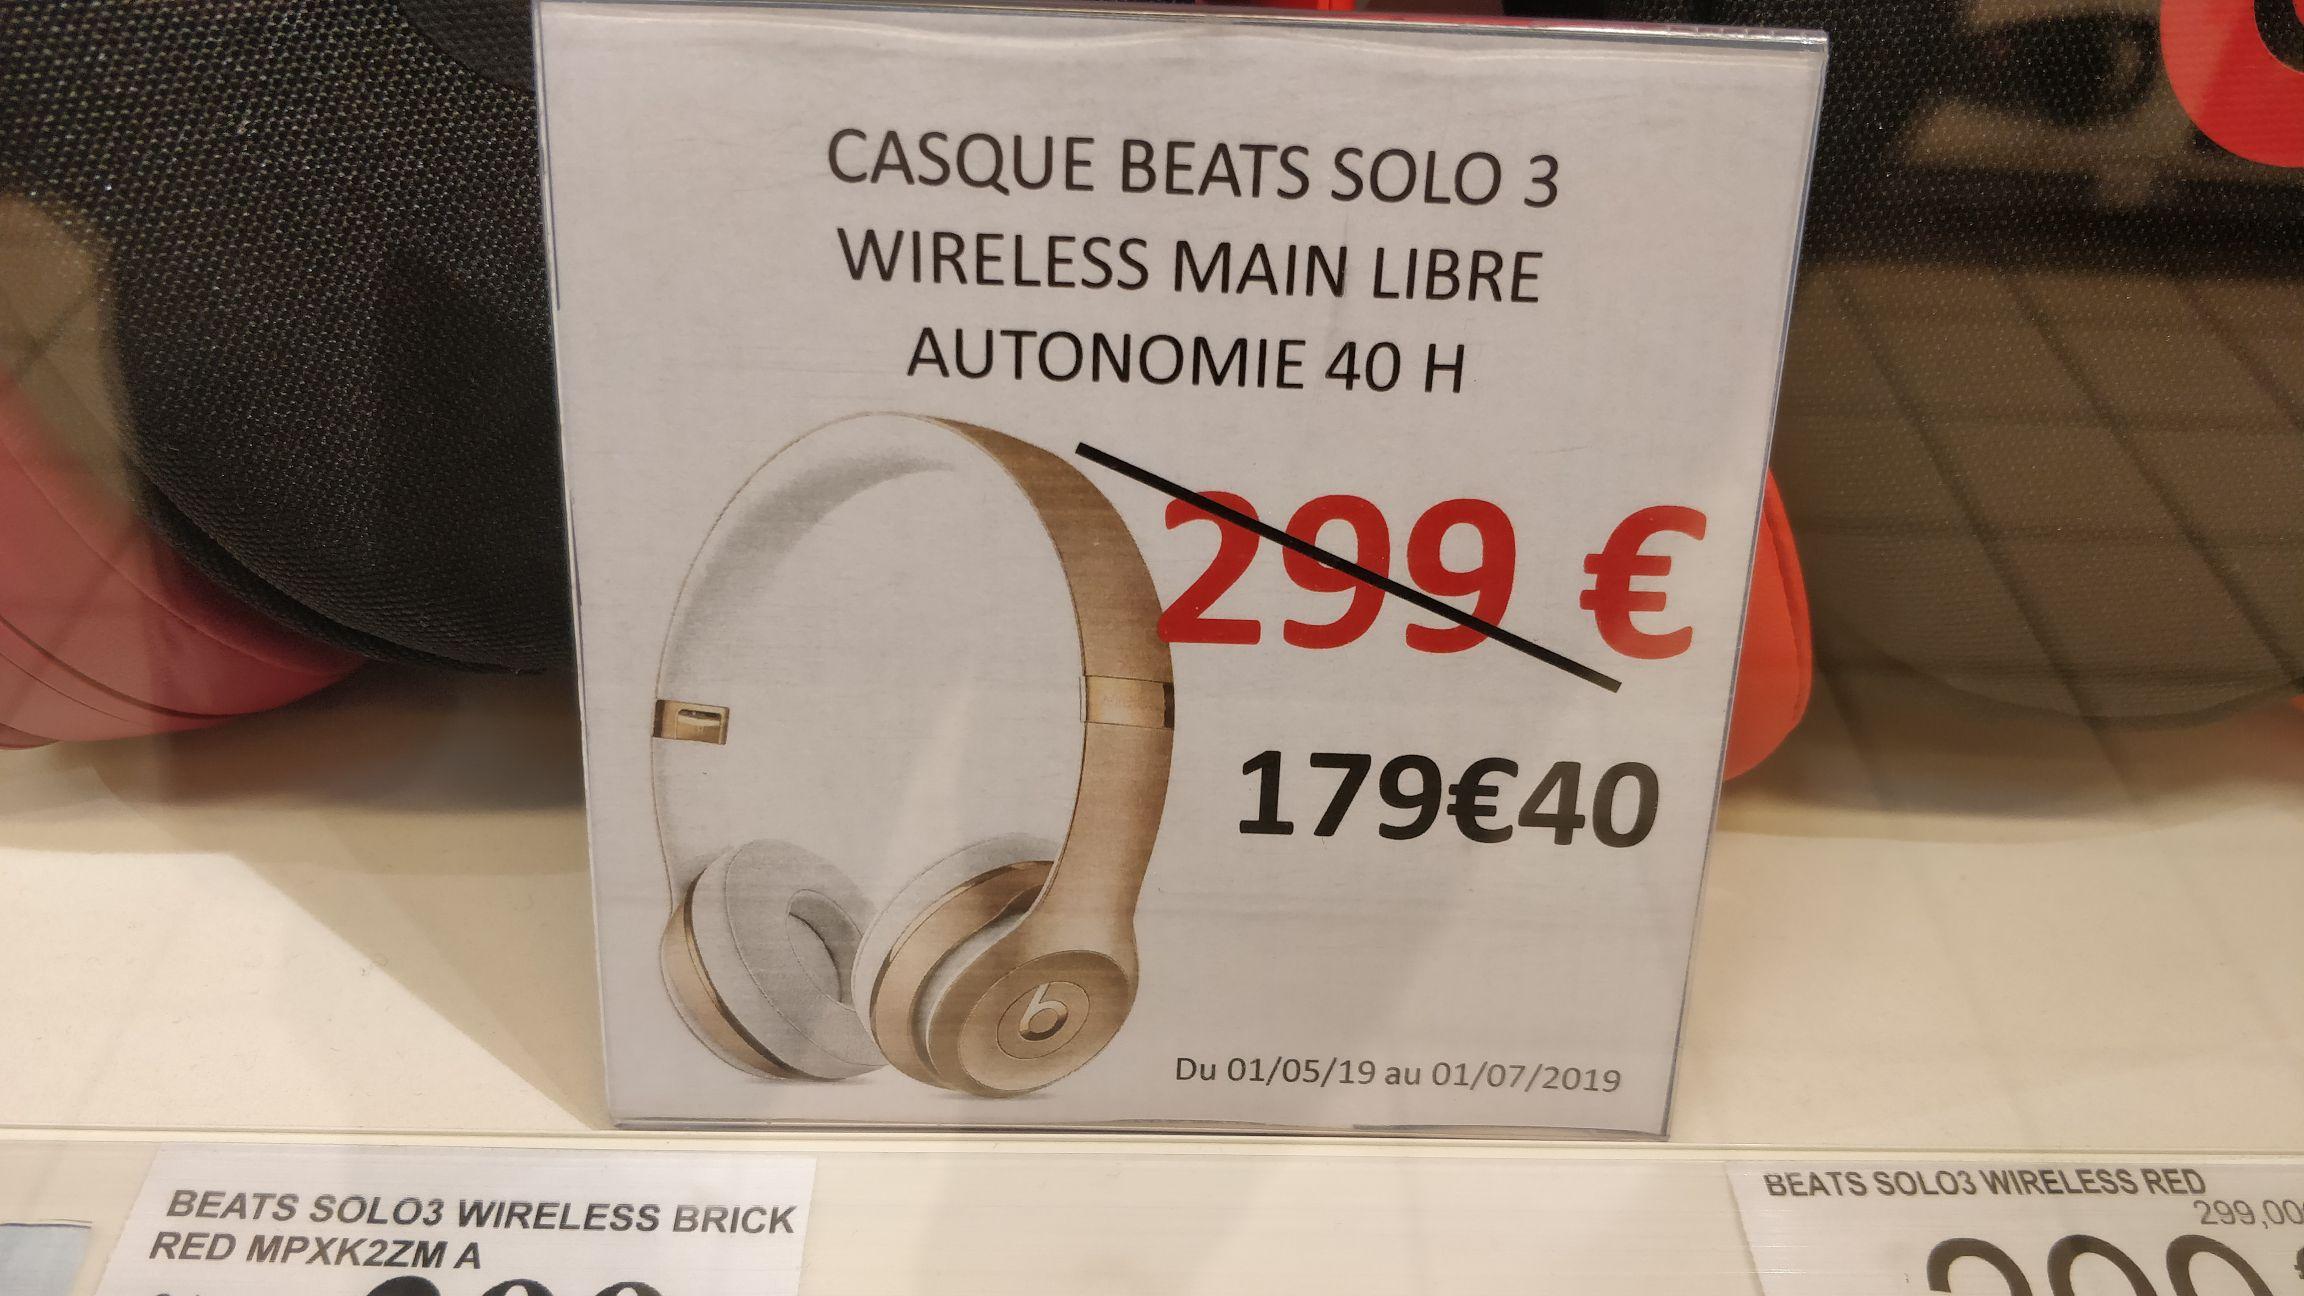 Casque bluetooth supra-aural Beats Wireless - Bois Sénart (77)